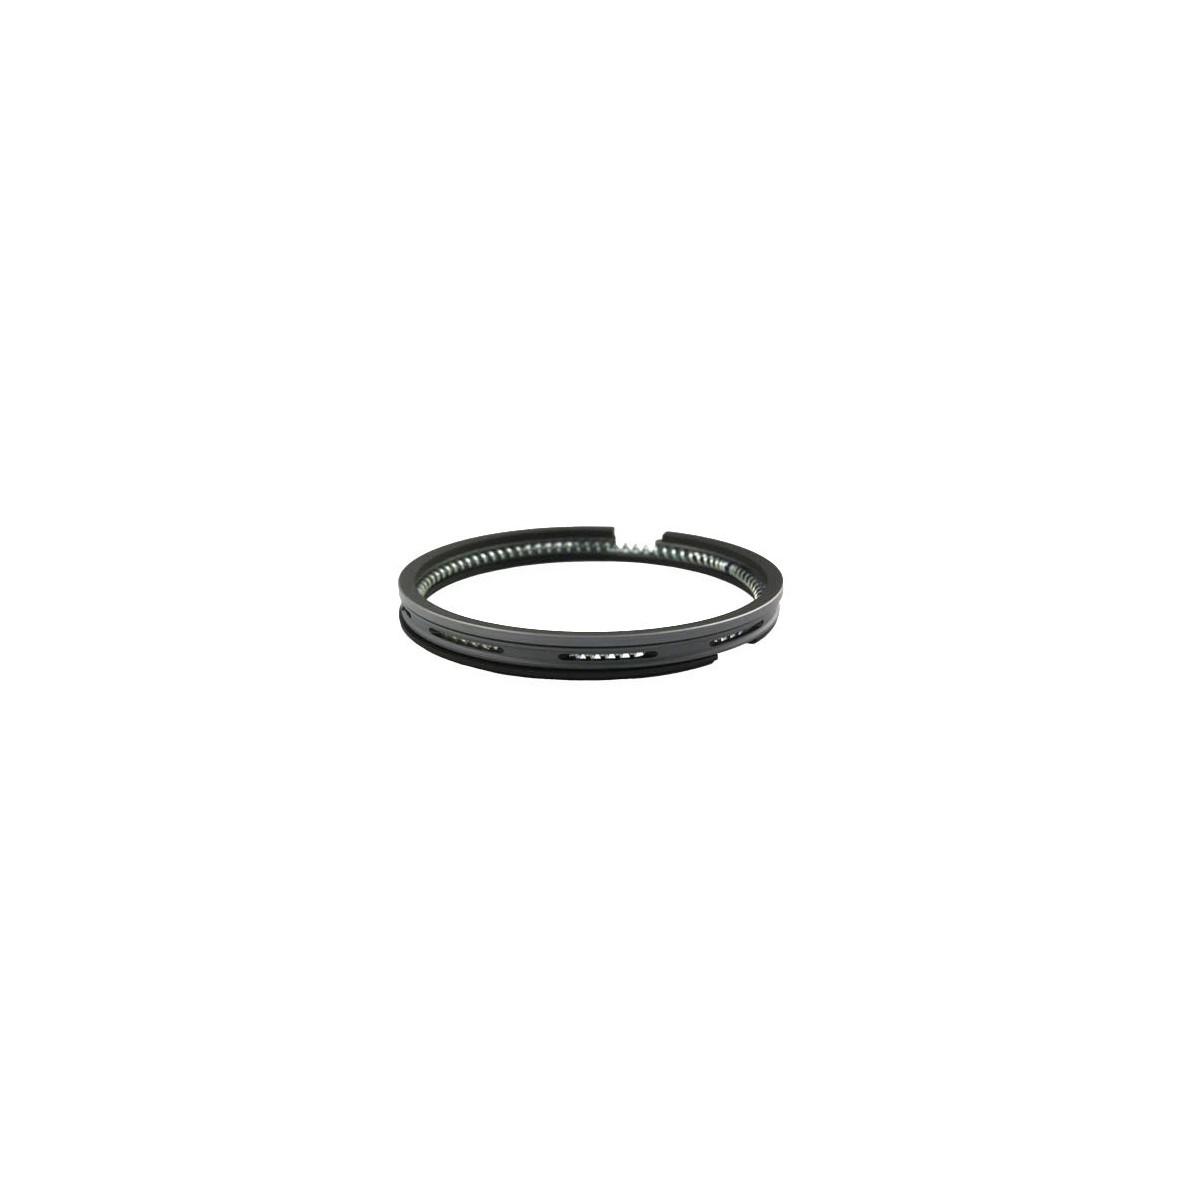 Kolbenring Set Kubota B7001 68mm